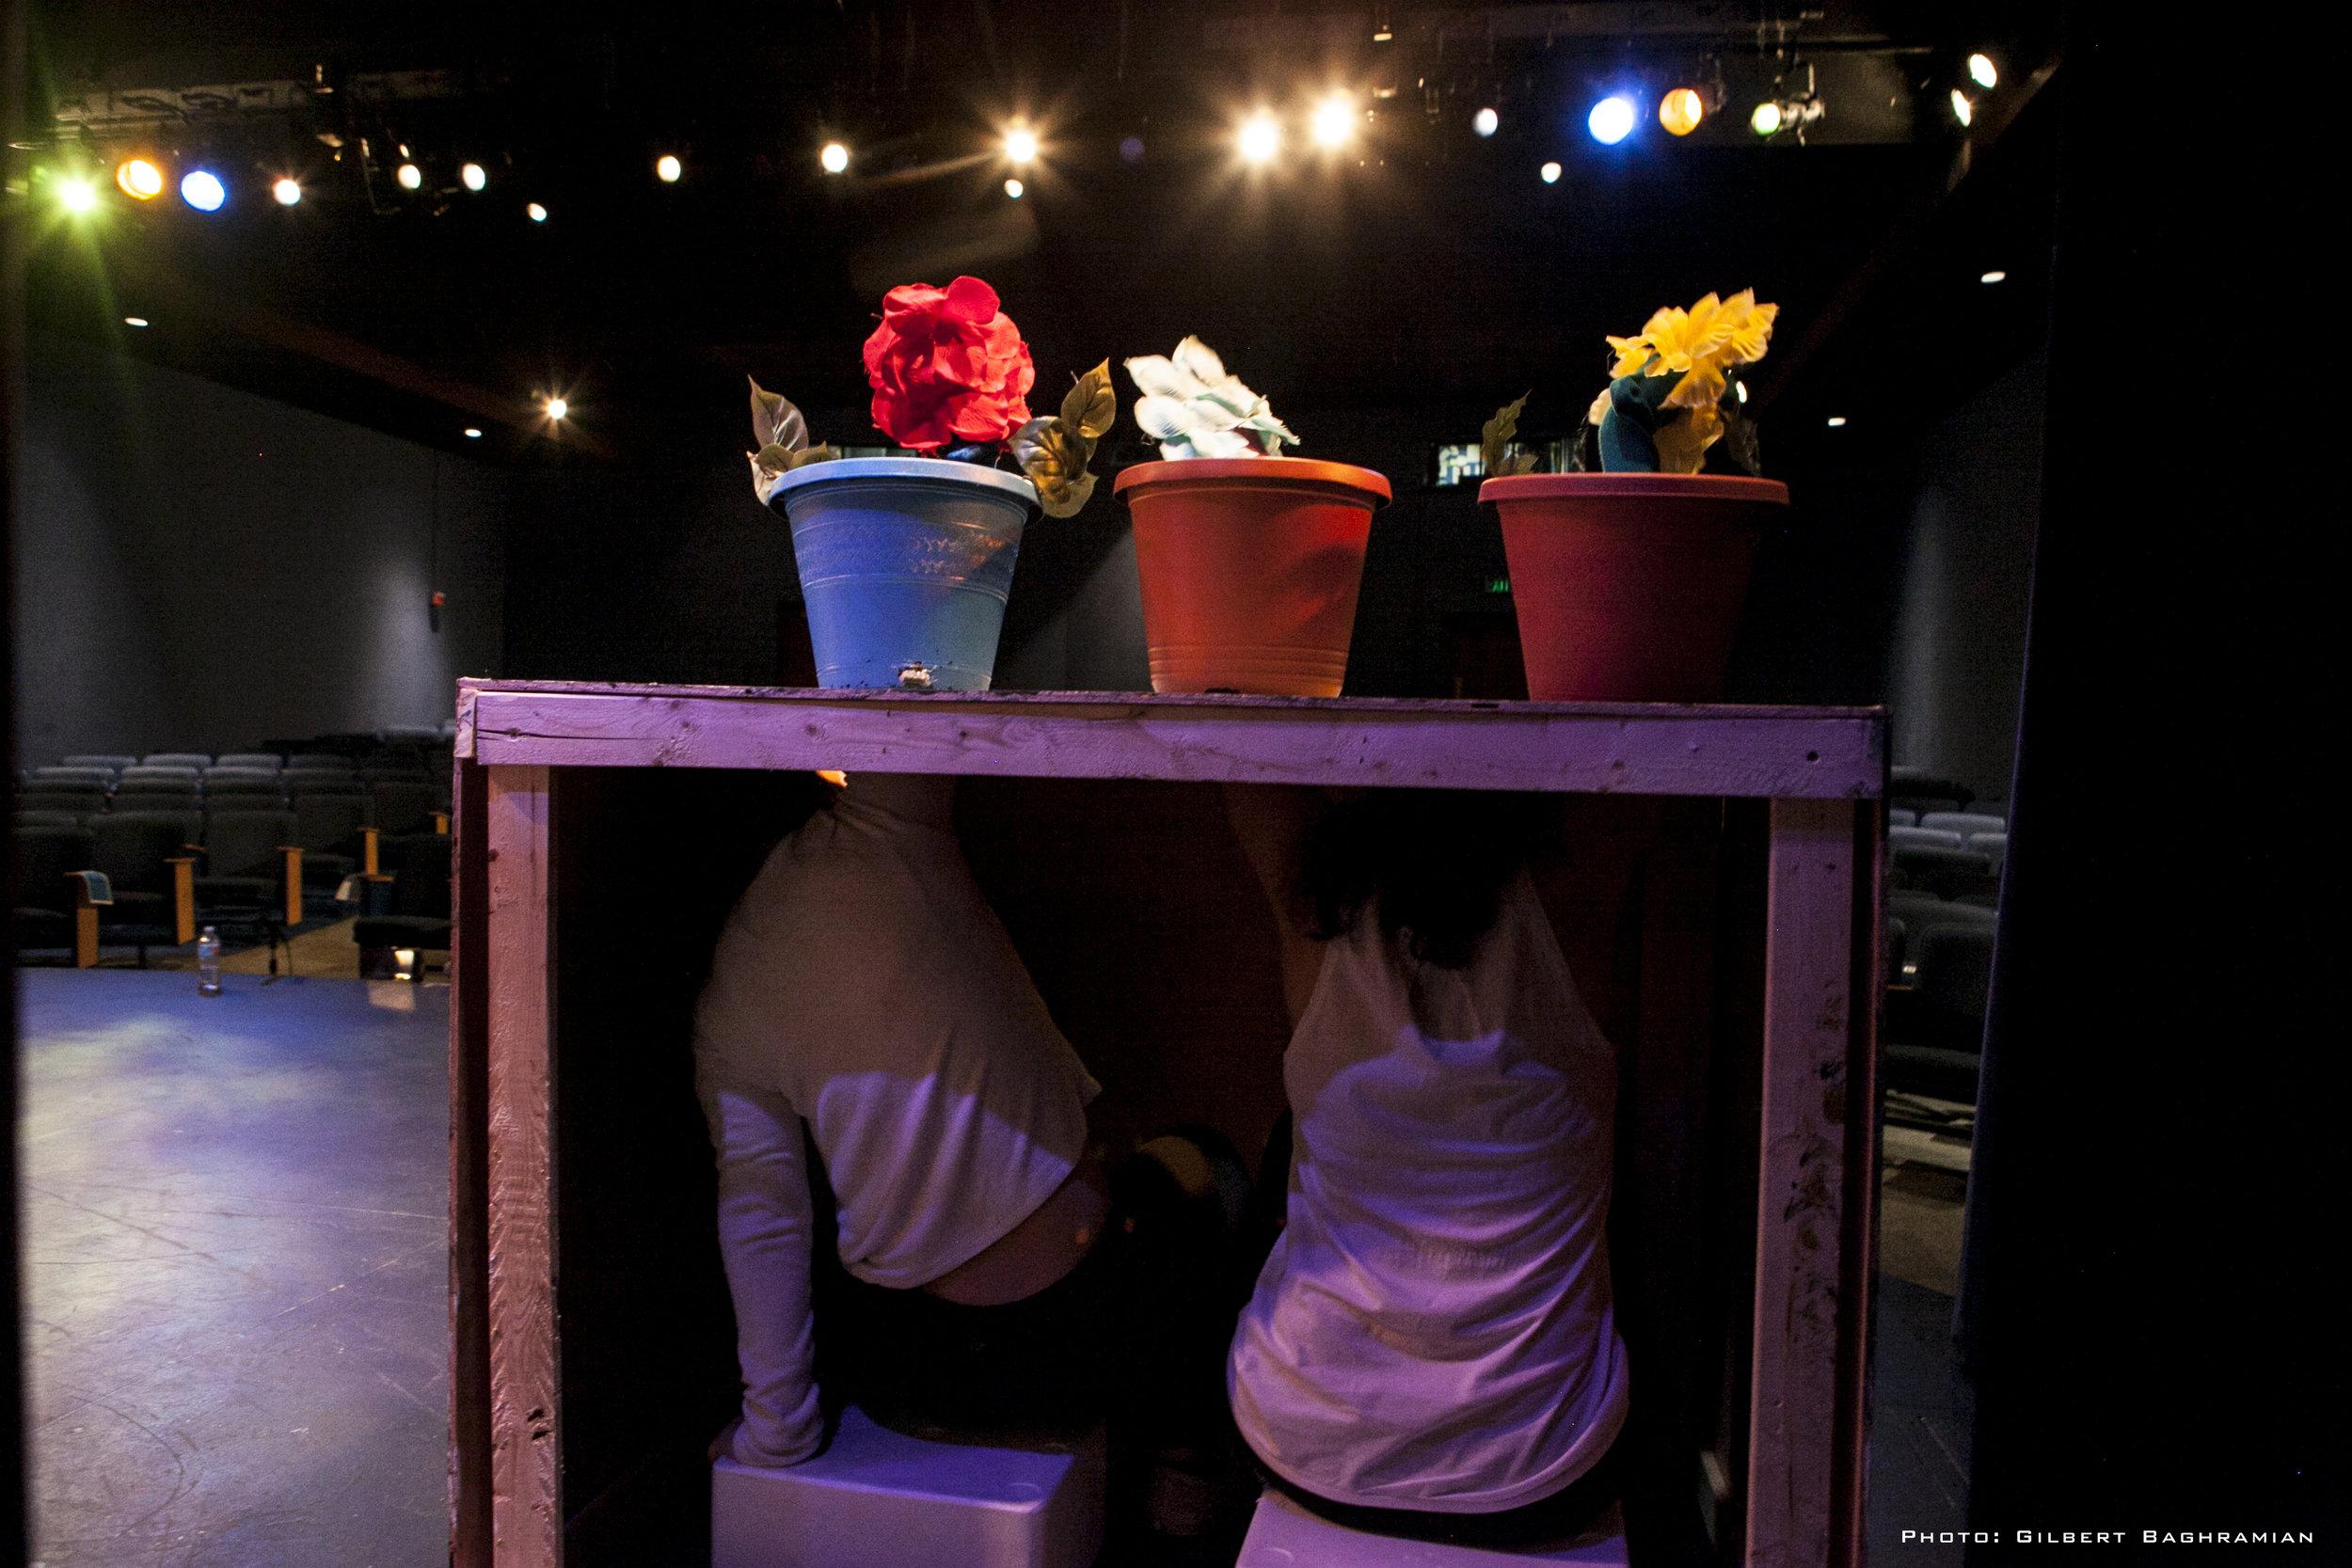 Secret of the flower pot_98.jpg